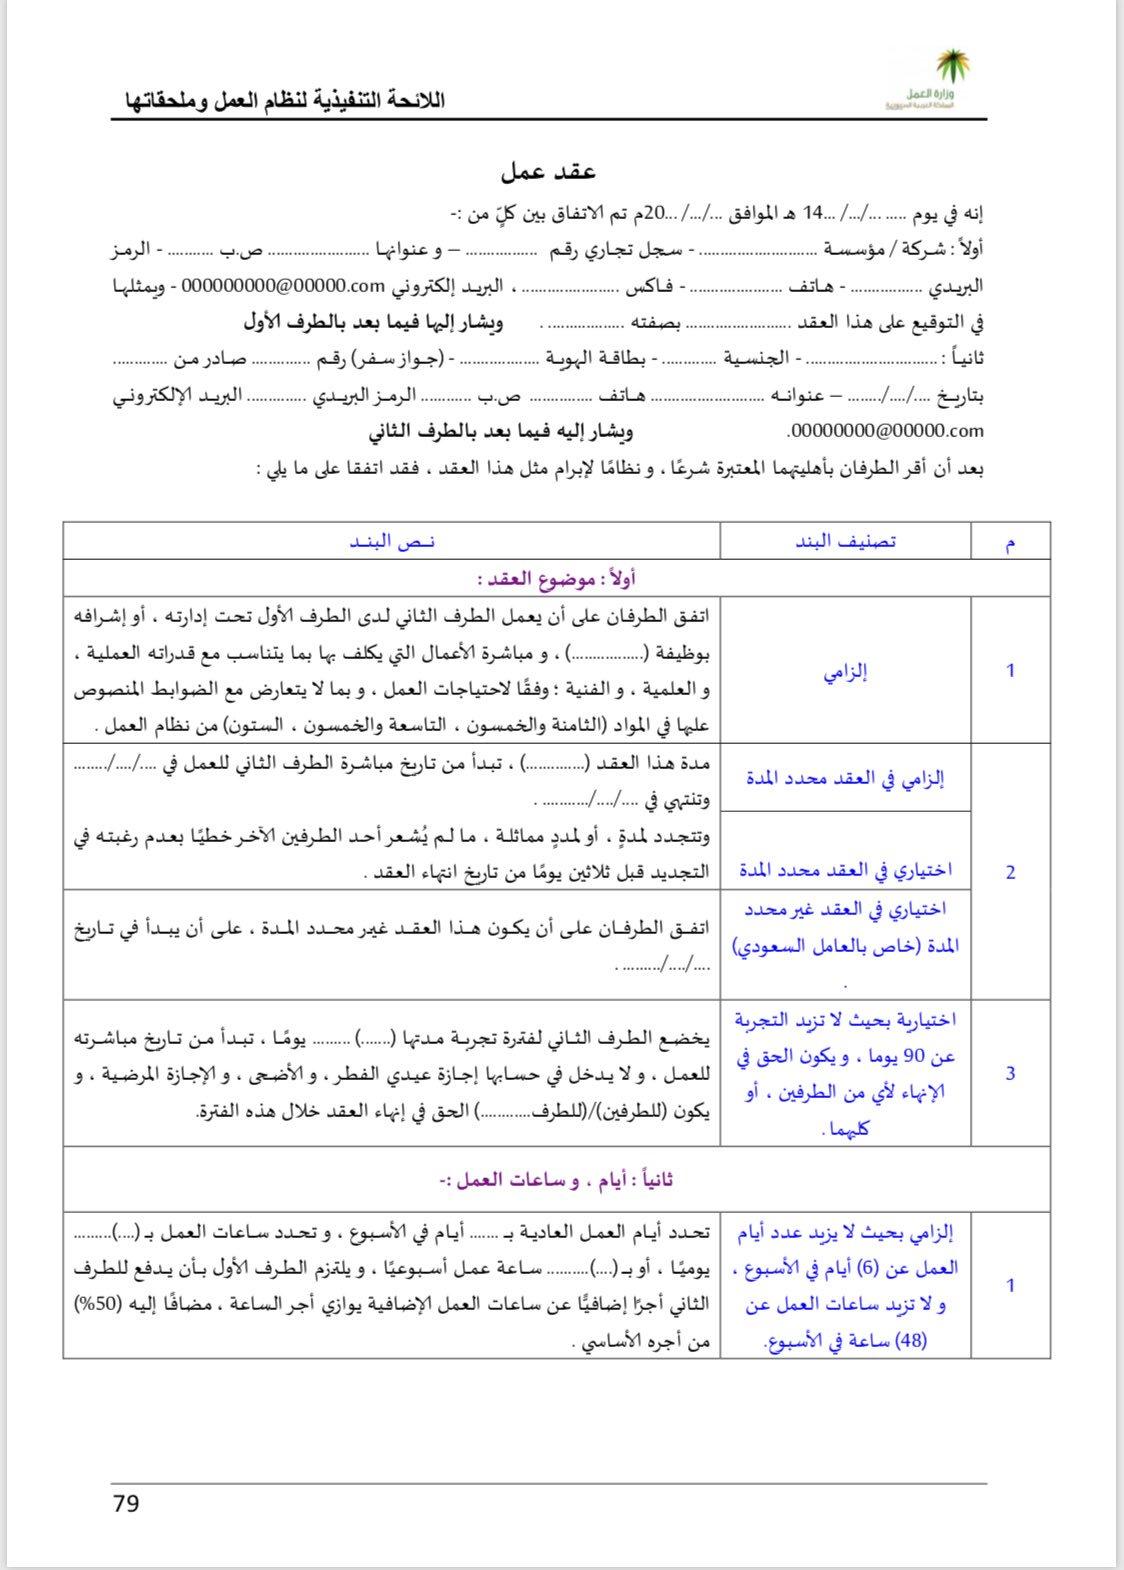 تحميل عقد عمل سعودي